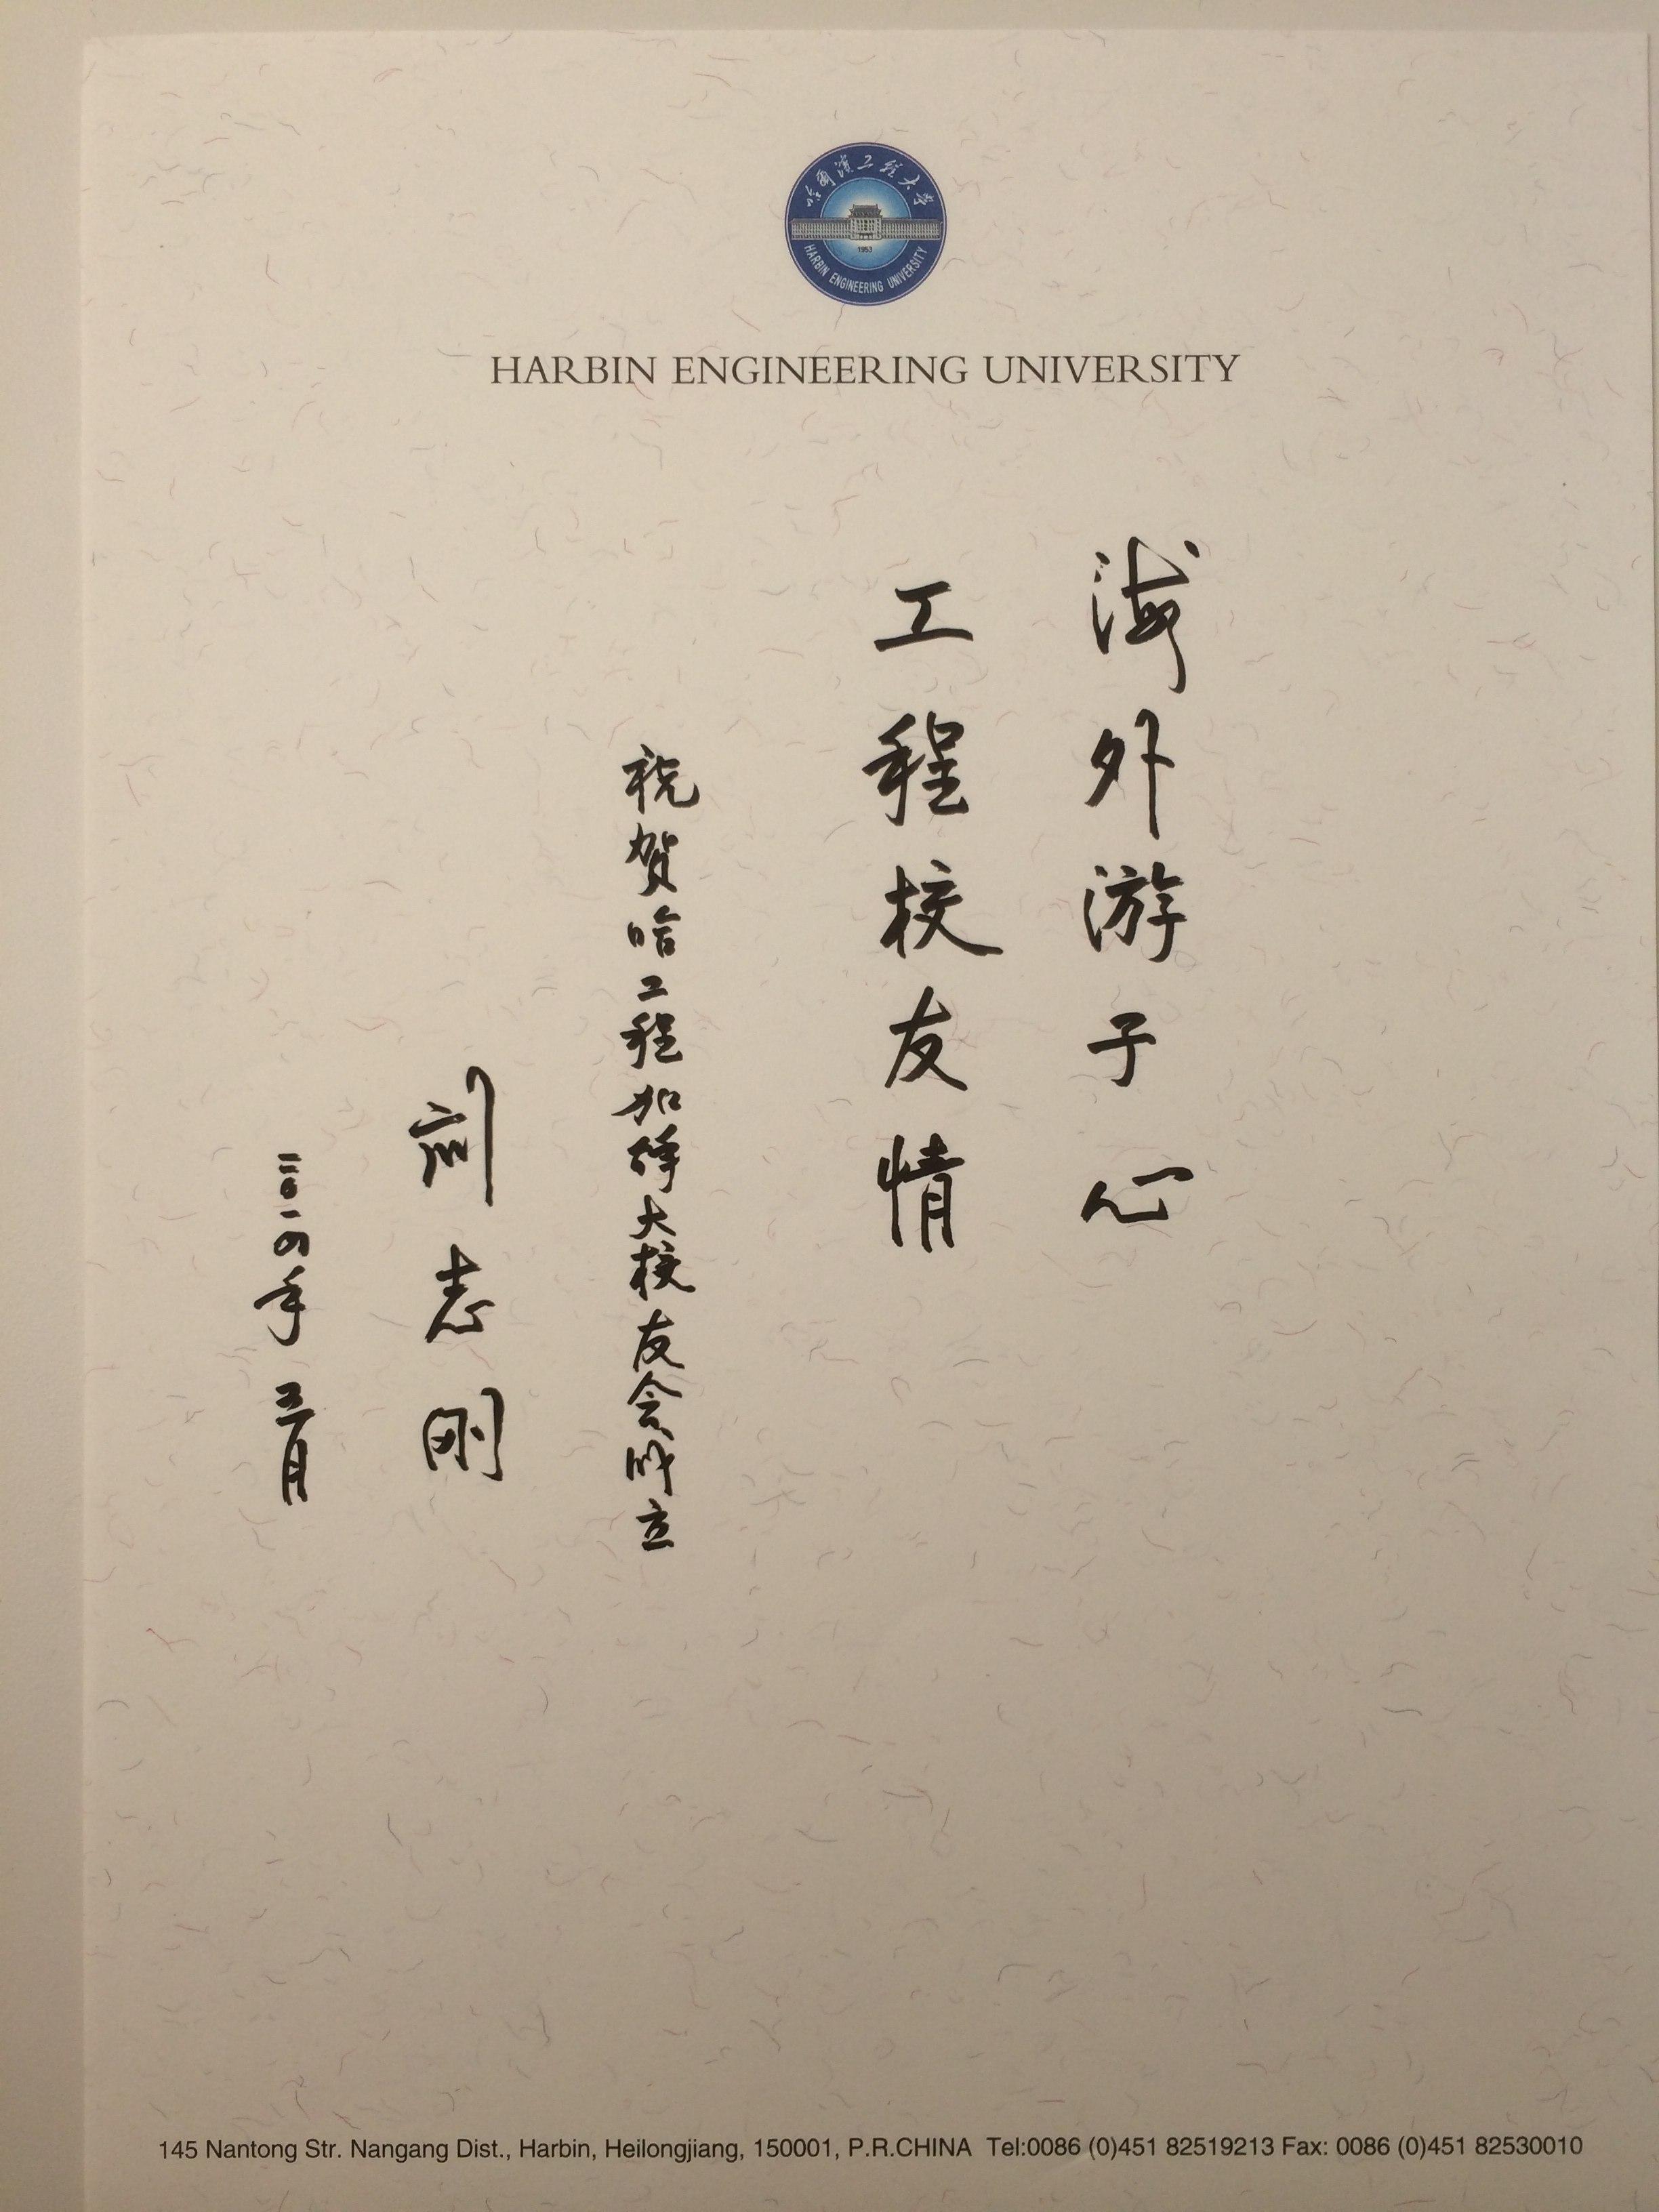 母校、中国驻多伦多领事馆和安大略省致加拿大校友会的贺信